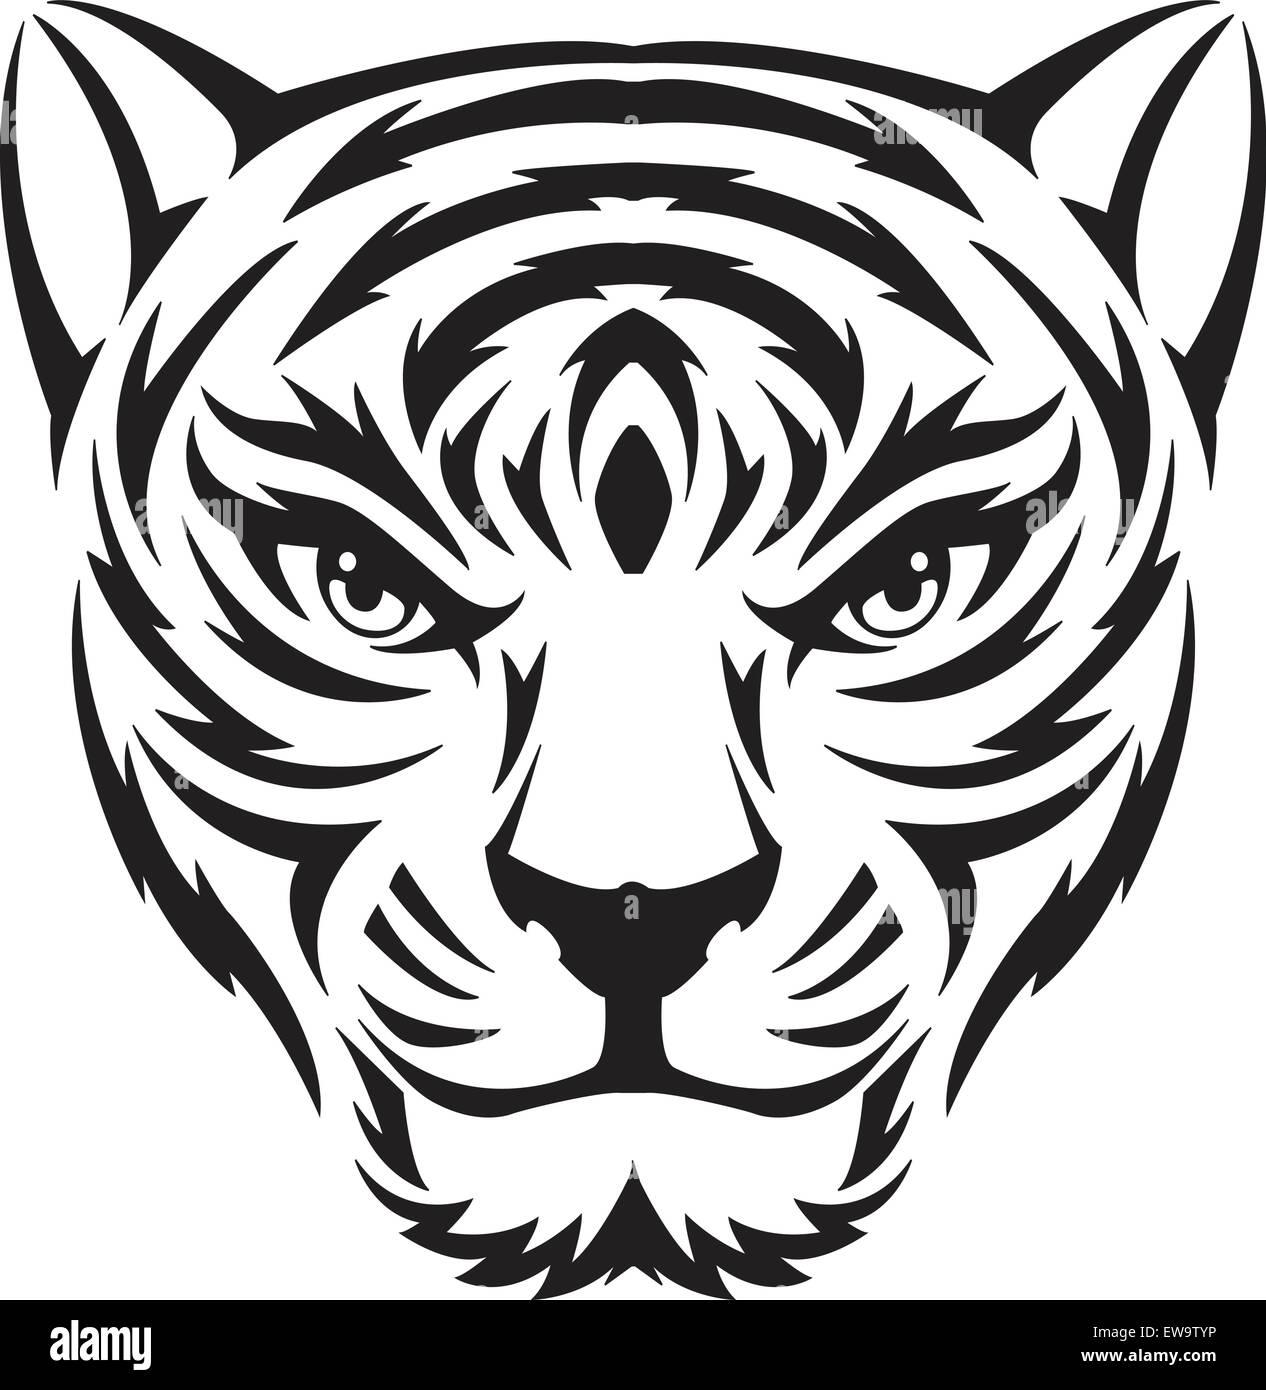 Tiger Face Tattoo Design Vintage Engraved Illustration